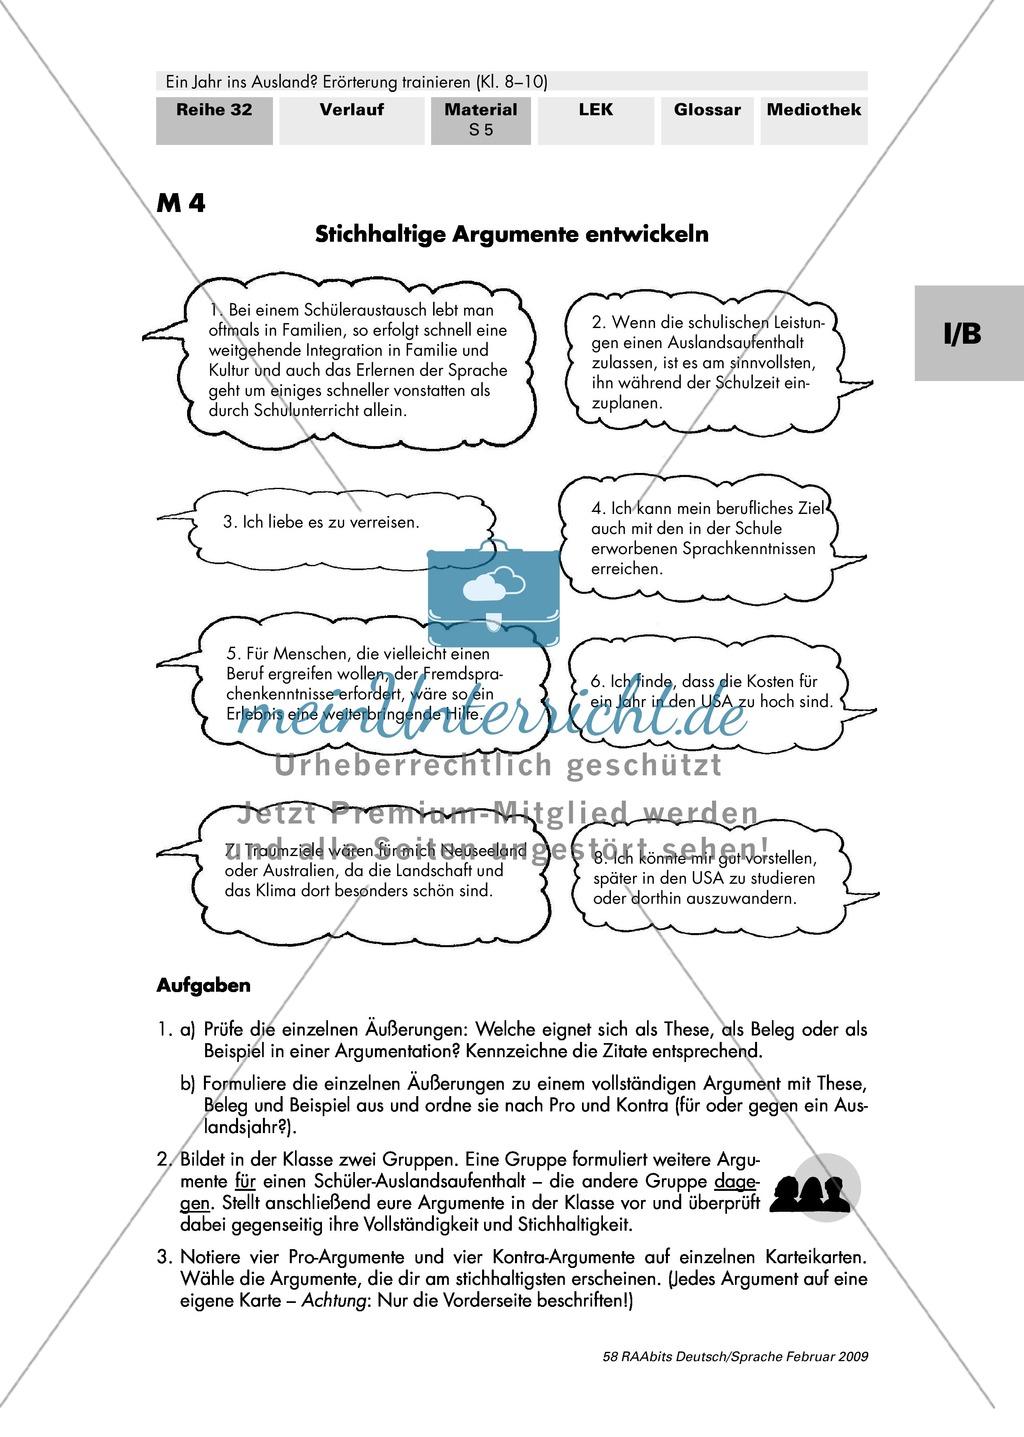 argumente in errterungen anordnen argumentationsbaum aufbau einer dialektischen errterung preview 1 - Erorterung Muster